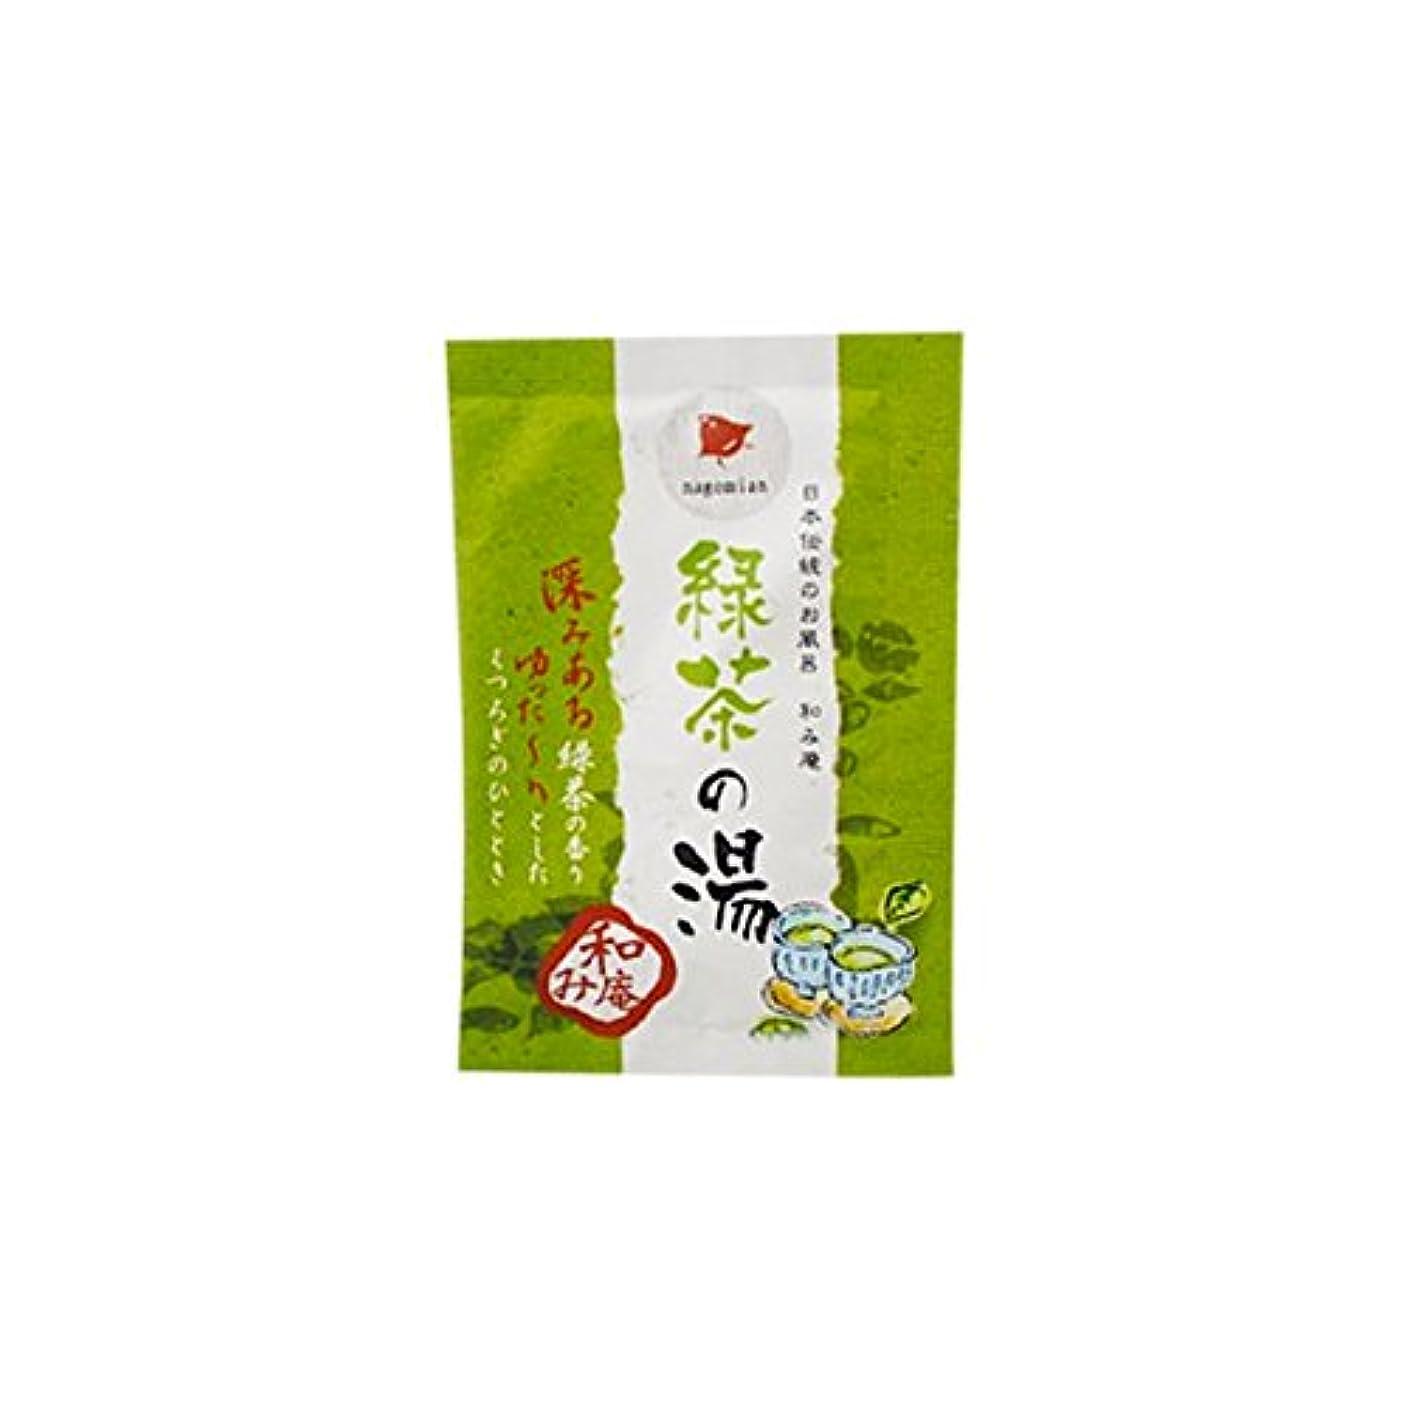 失速コミットメント効率和み庵 入浴剤 「緑茶の湯」30個